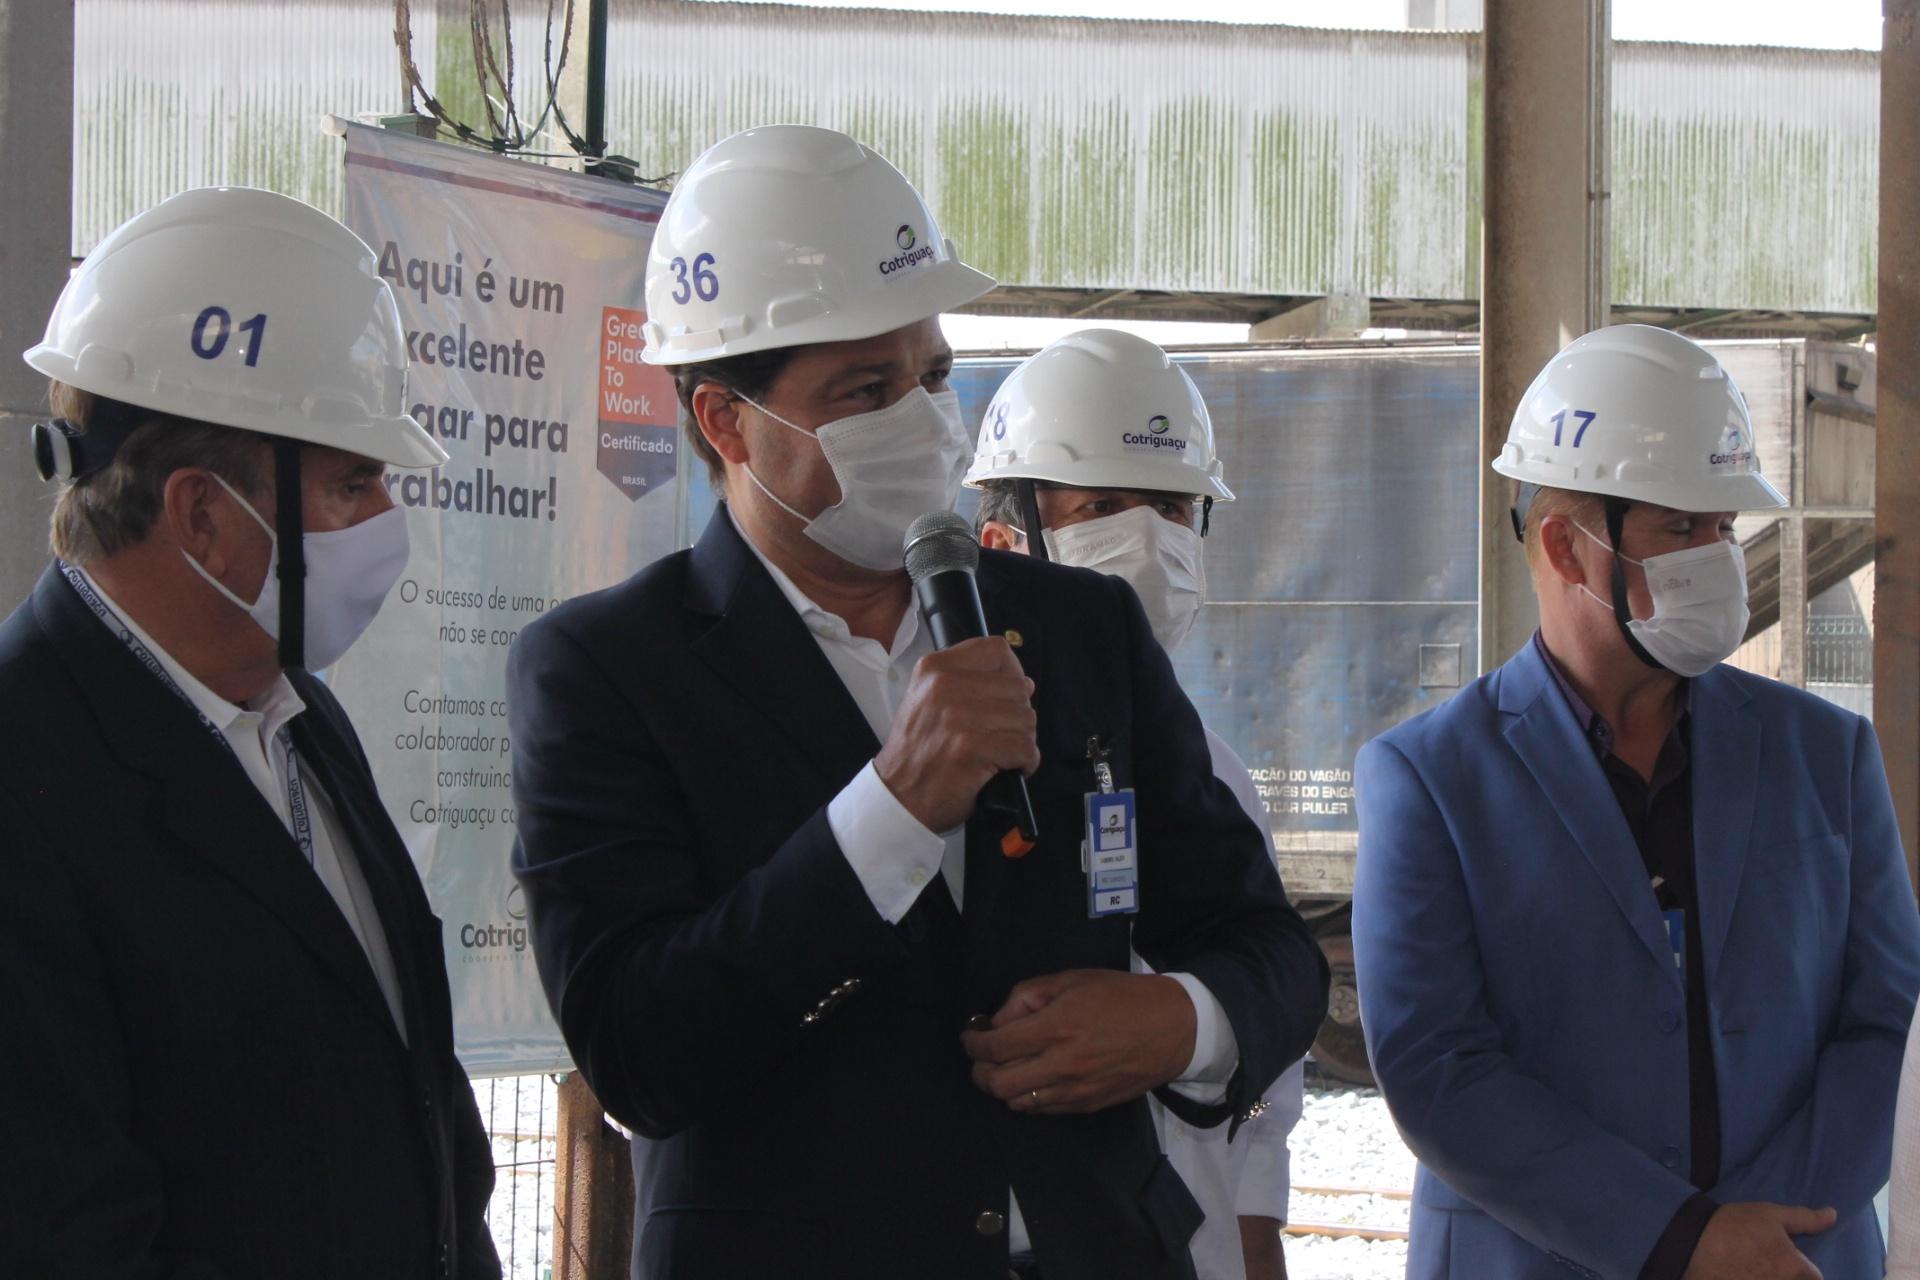 Secretário de Estado de Infraestrutura e Logística, Sandro Alex, destacou aplausos em nome do governador Ratinho Júnior e importância da Cotriguaçu e cooperativismo ao Paraná